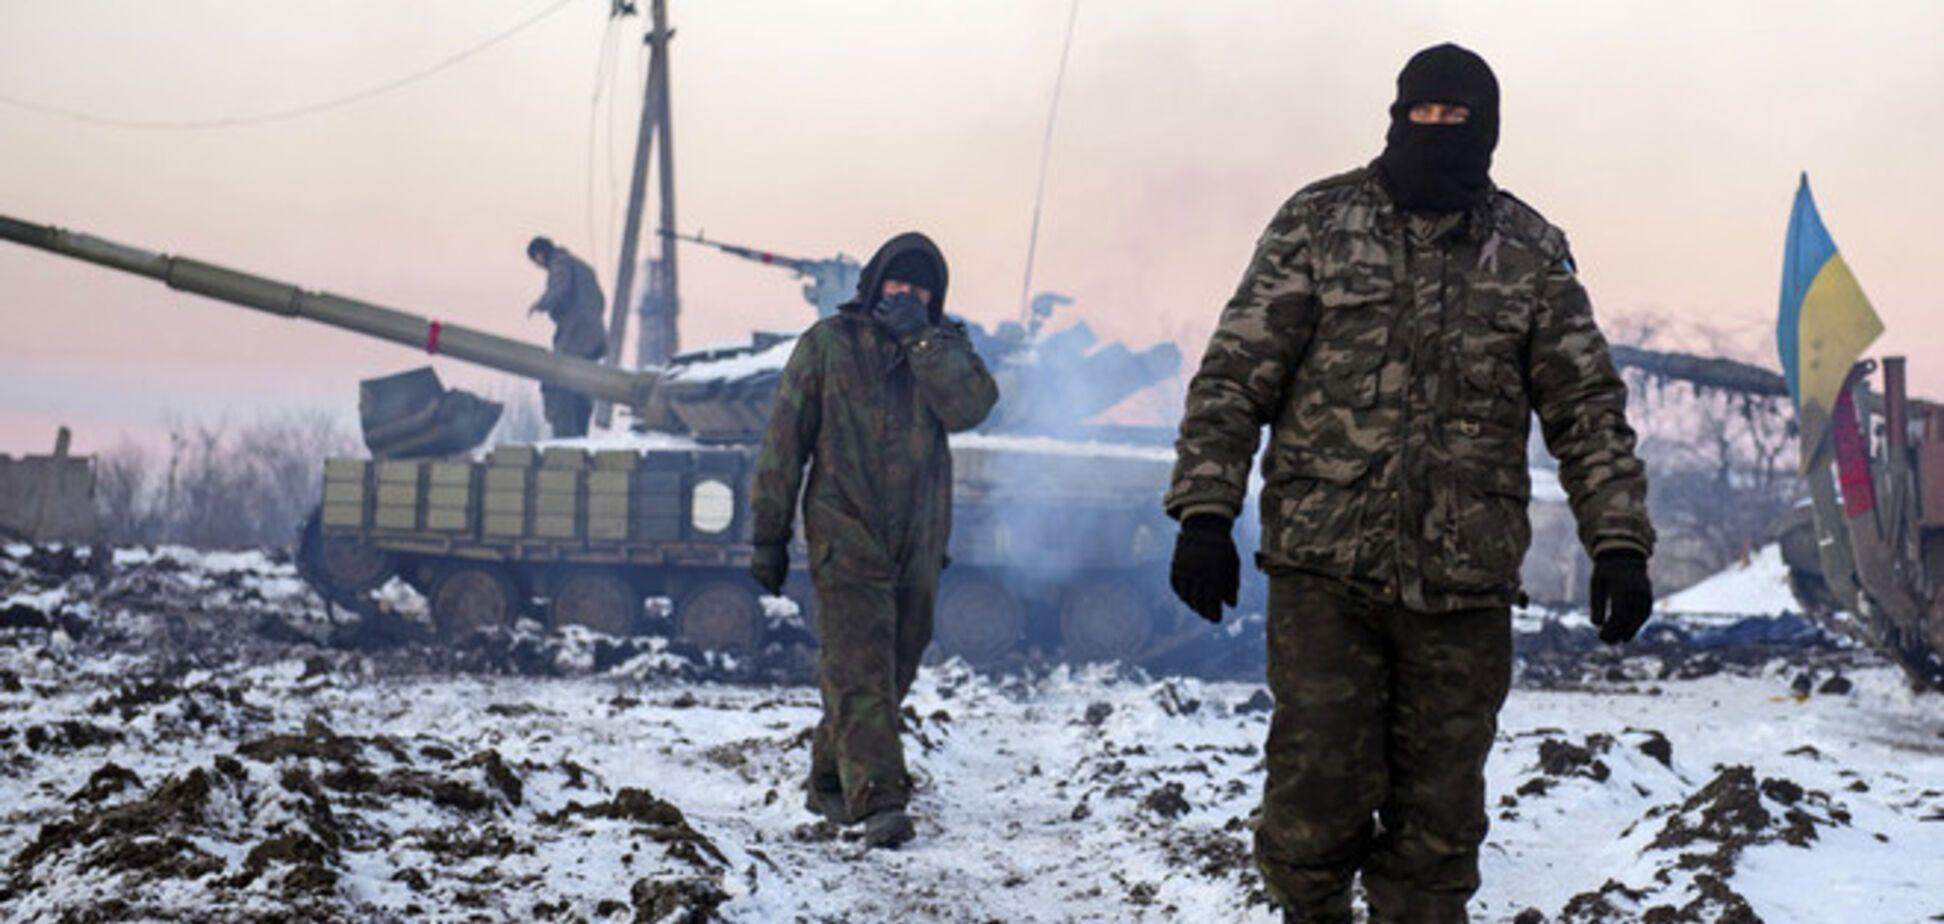 Боевики хотят завладеть линией вдоль 'Бахмутского шляха': идут на штурм позиции сил АТО на Луганщине - ОК 'Север'